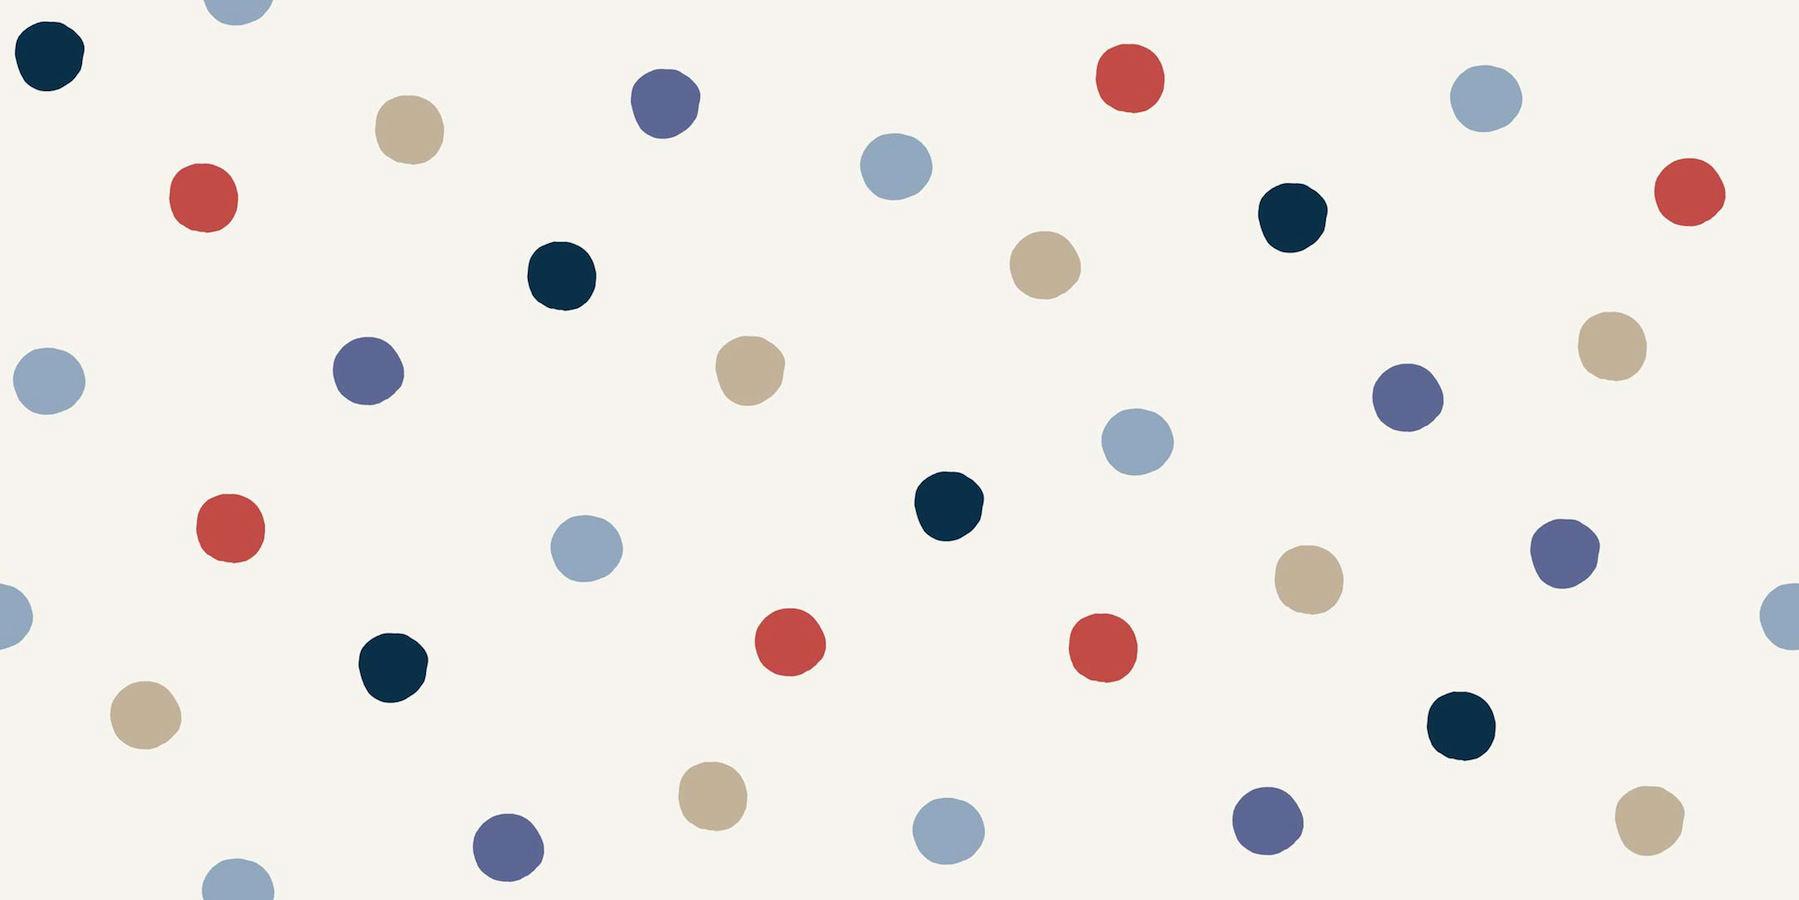 inicio tienda colores buscar los papeles por colores multicolor